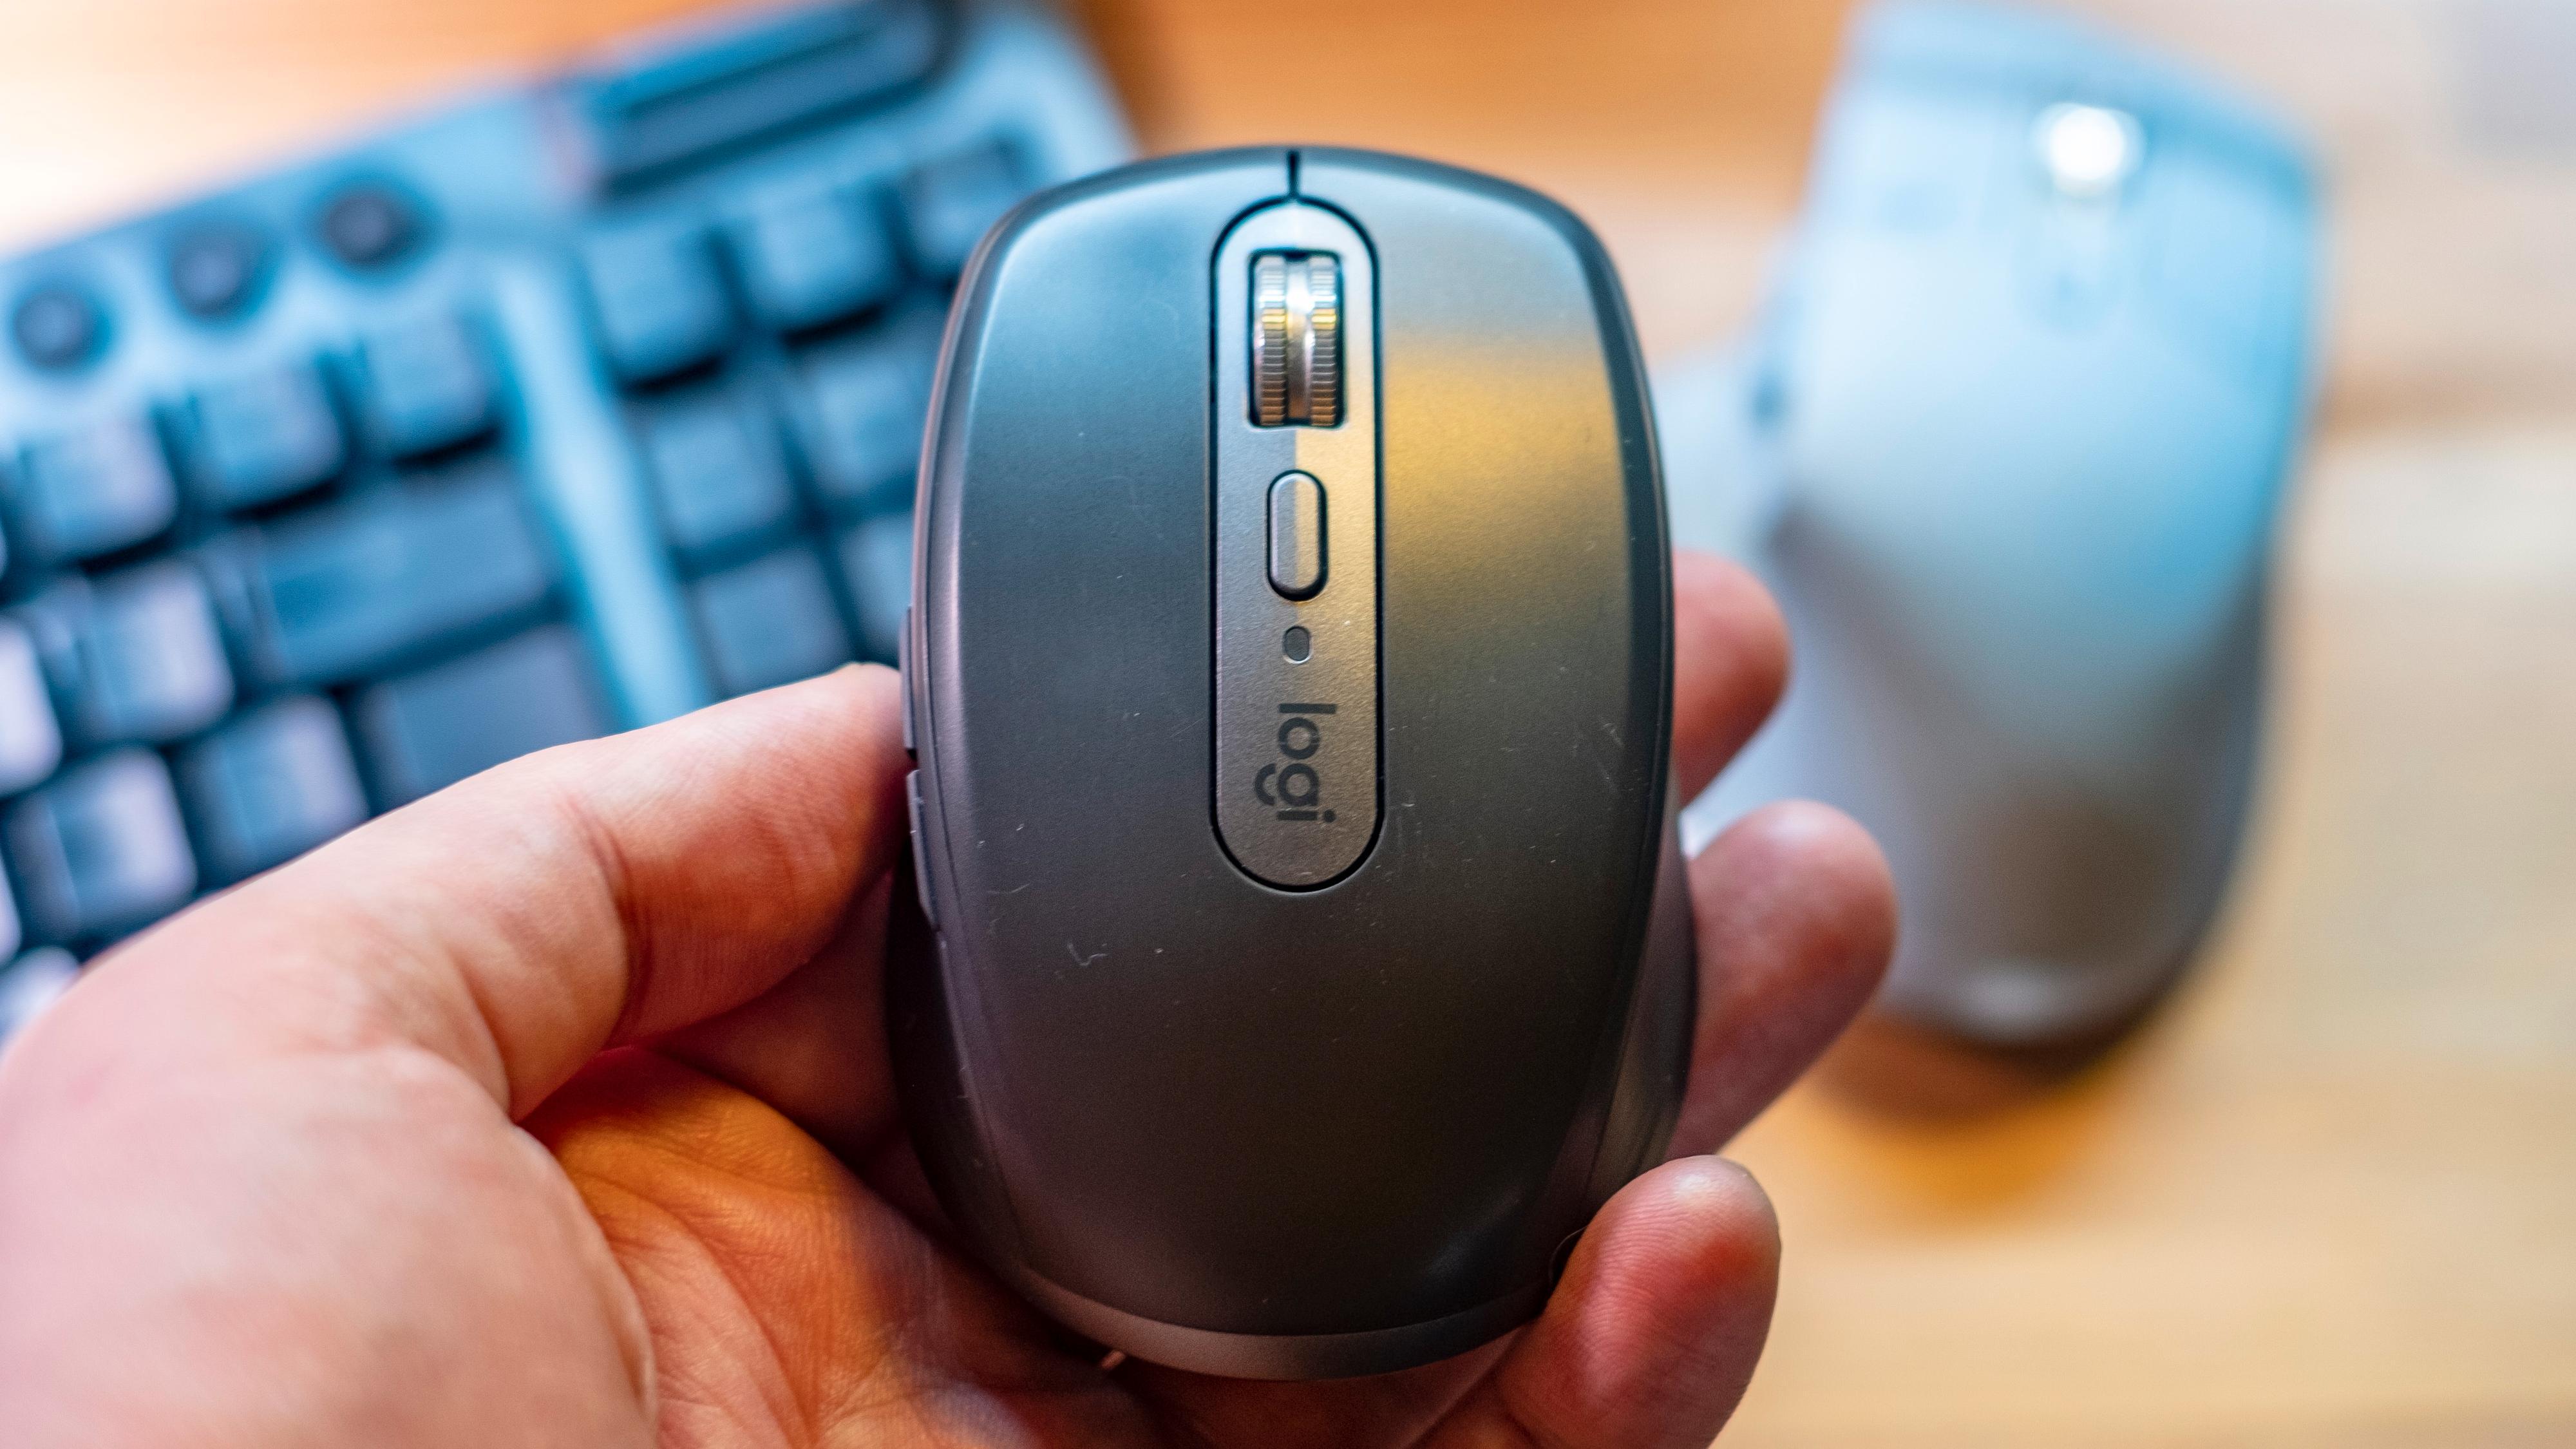 MX Anywhere 3 er prototypen på en trådløs mus